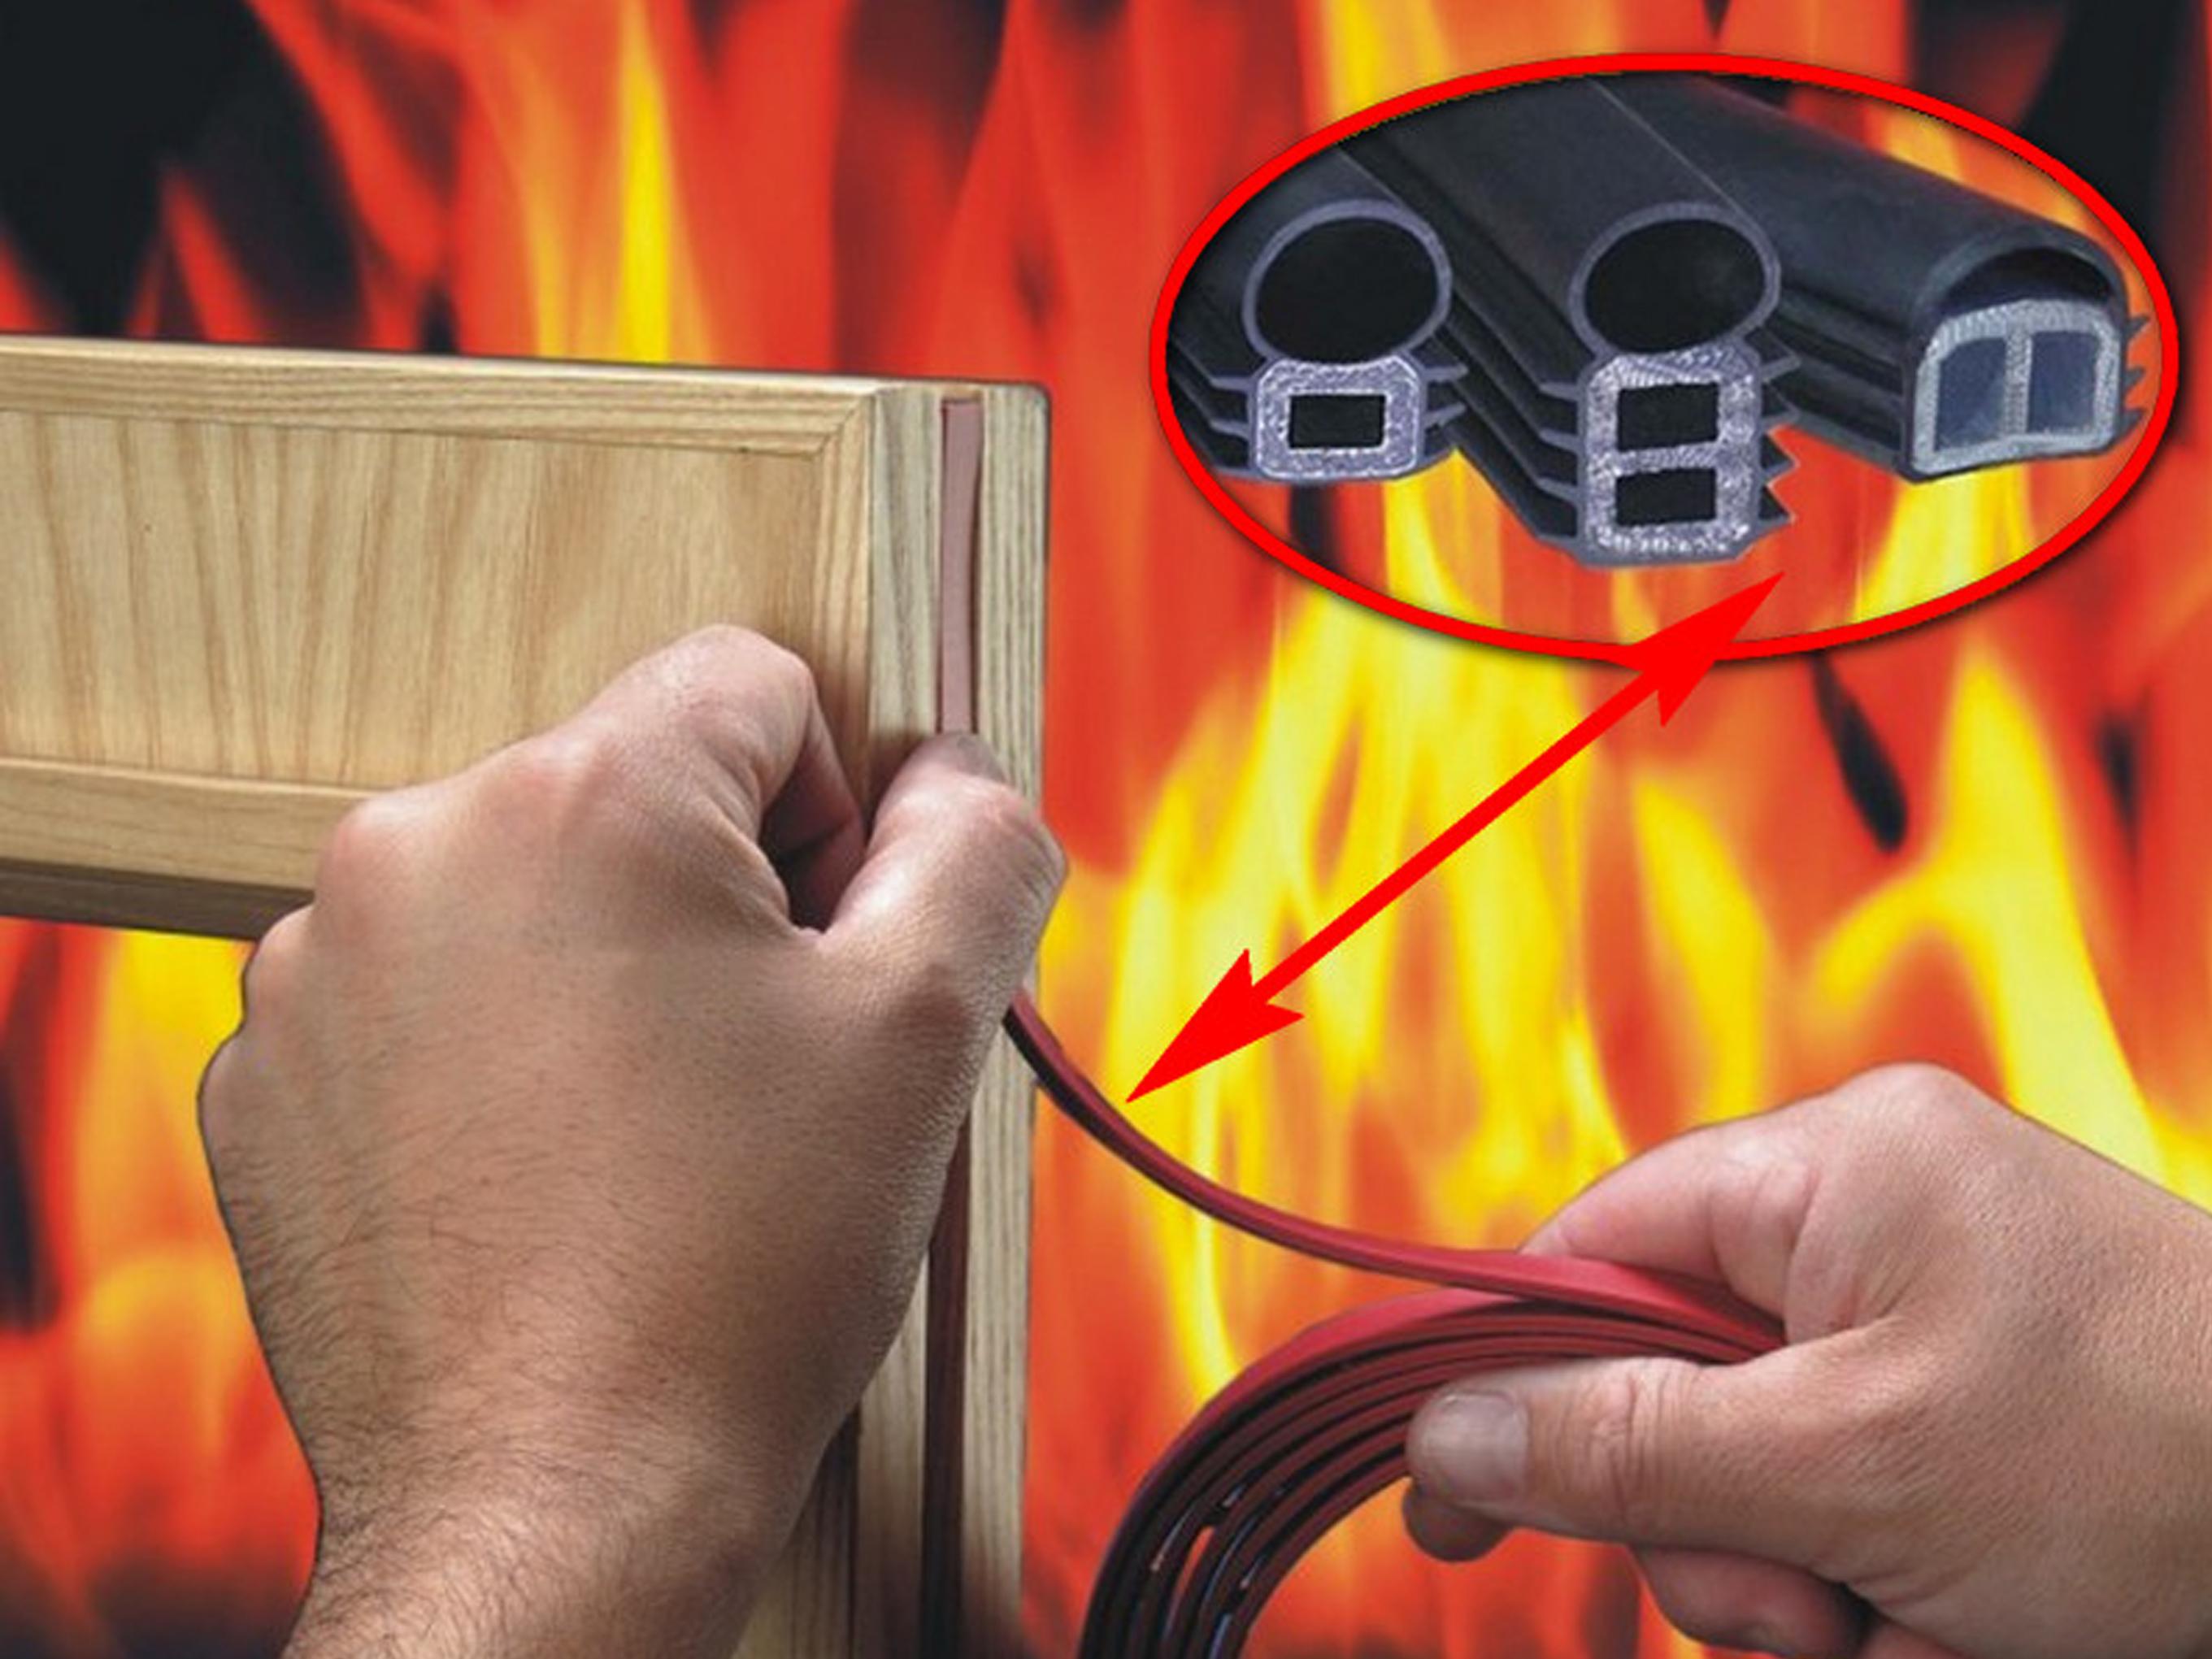 Lợi ích của cửa chống cháy và gioăng ngăn lửa